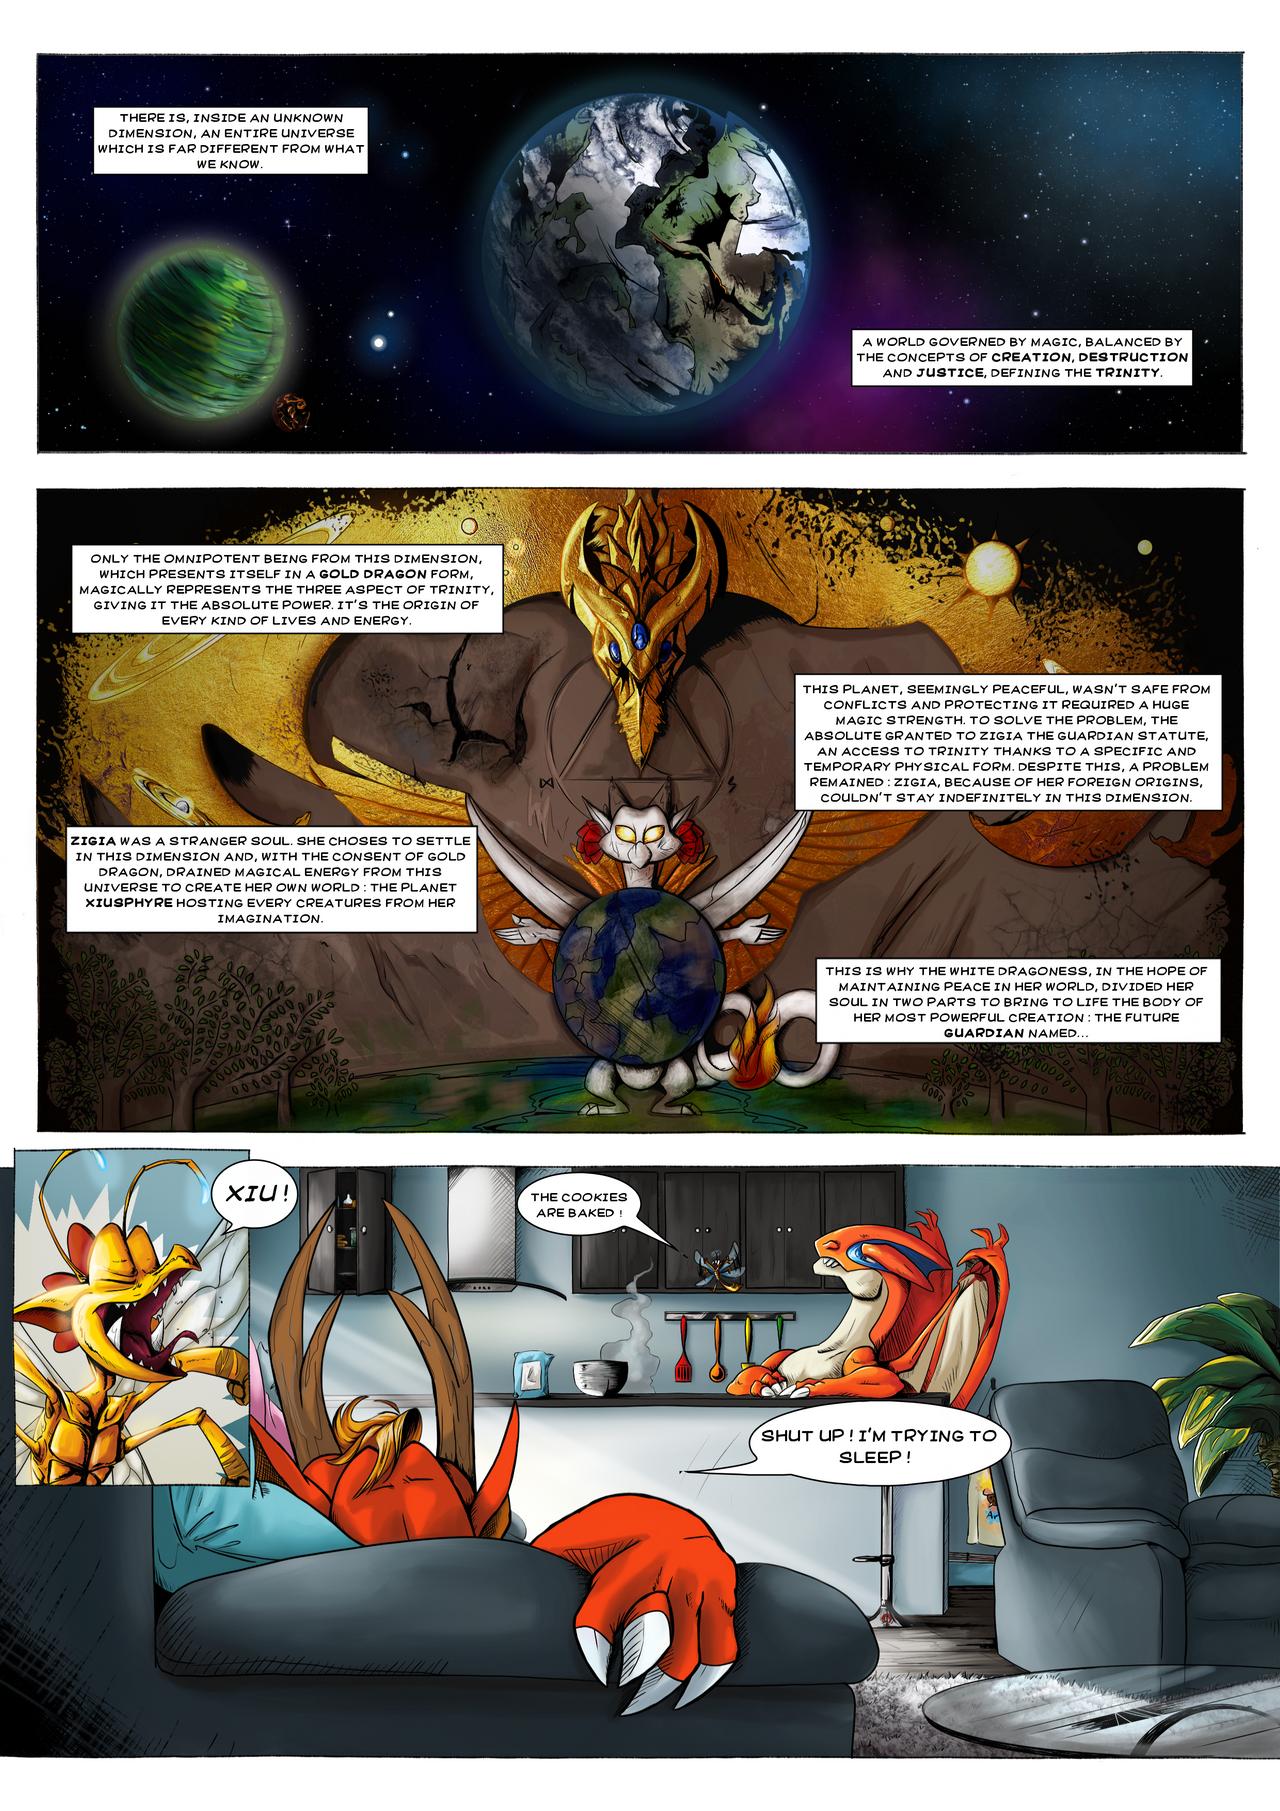 World of Xiu - Guardian - #1 by ZigiaInfinite